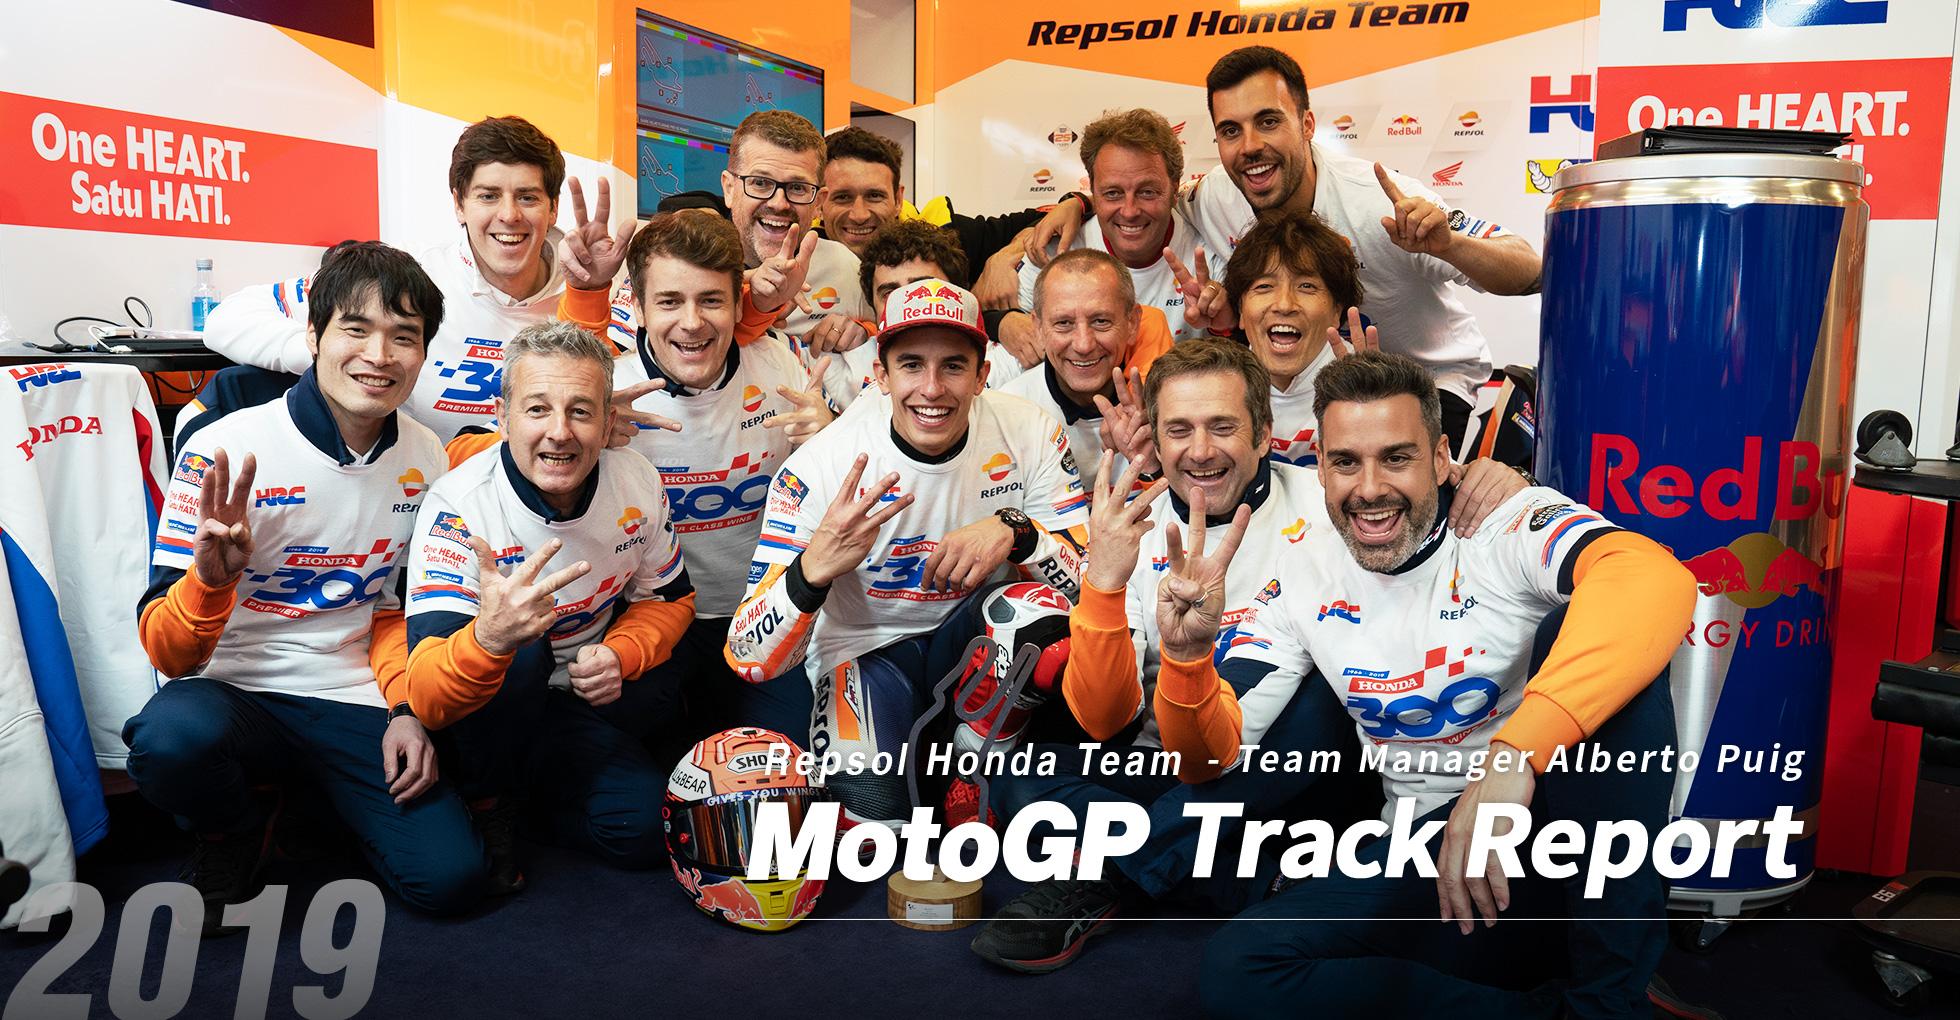 Honda Global Motogp